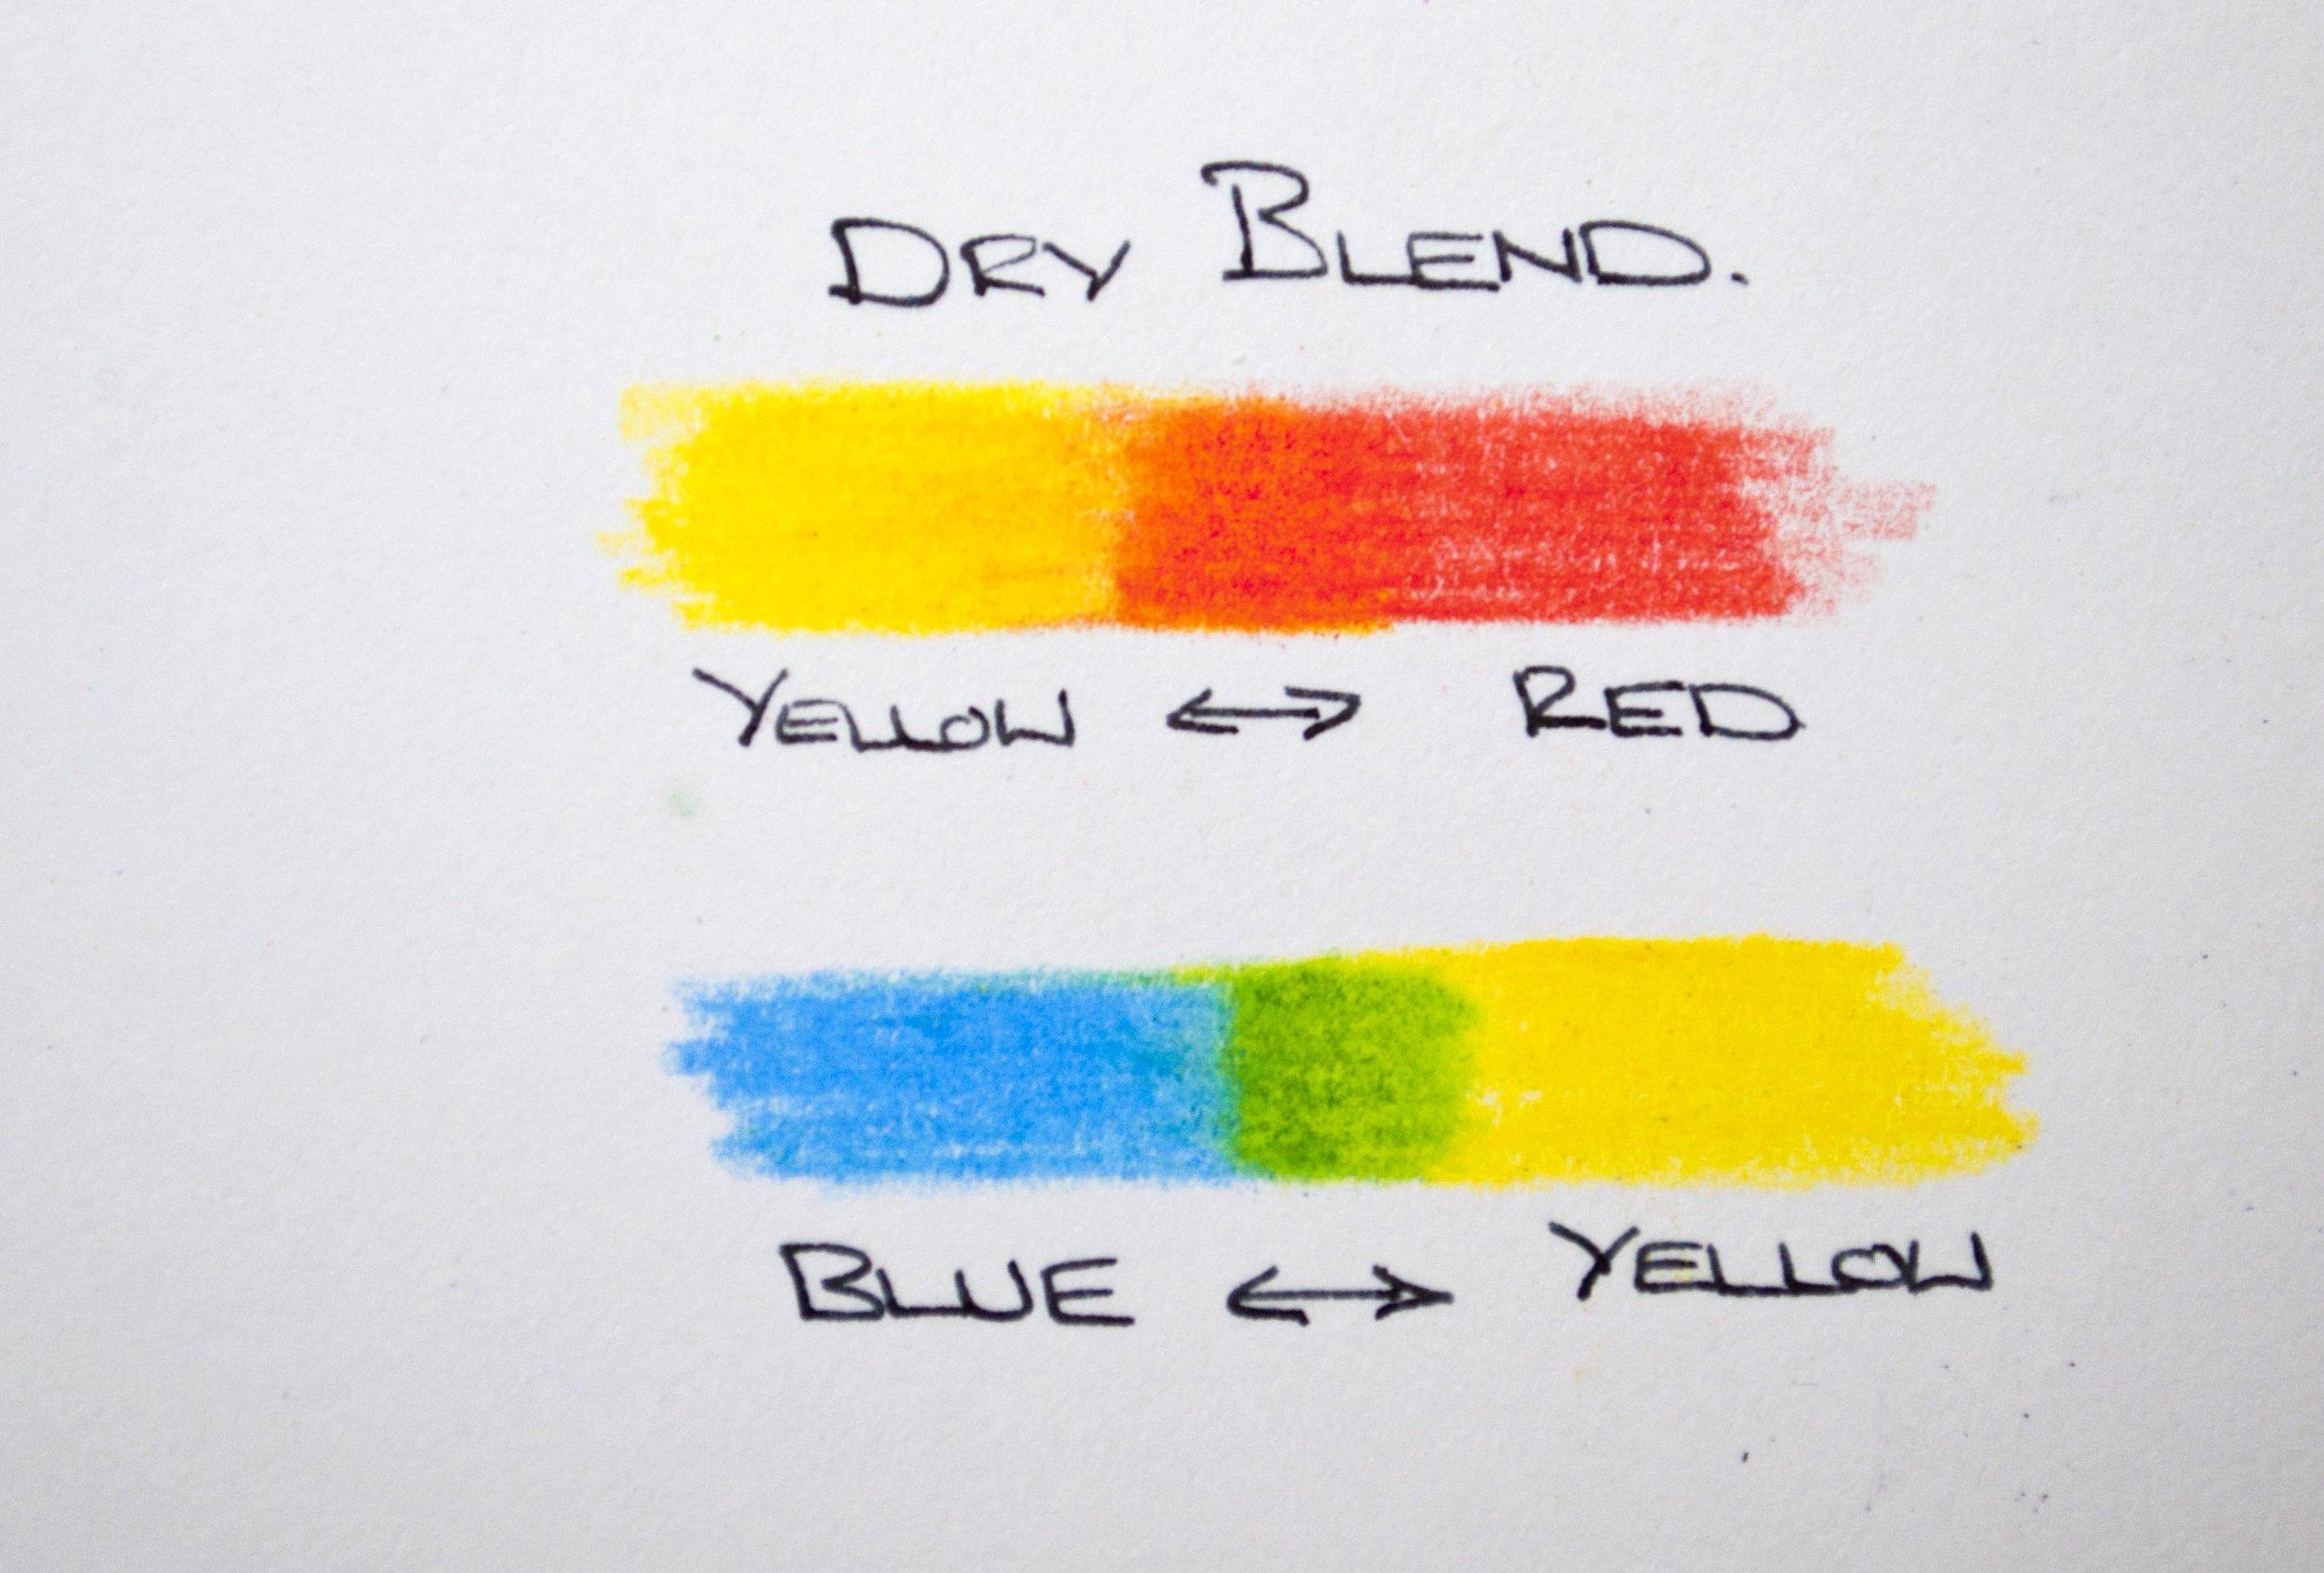 Blick Studio Dry Blend.jpg